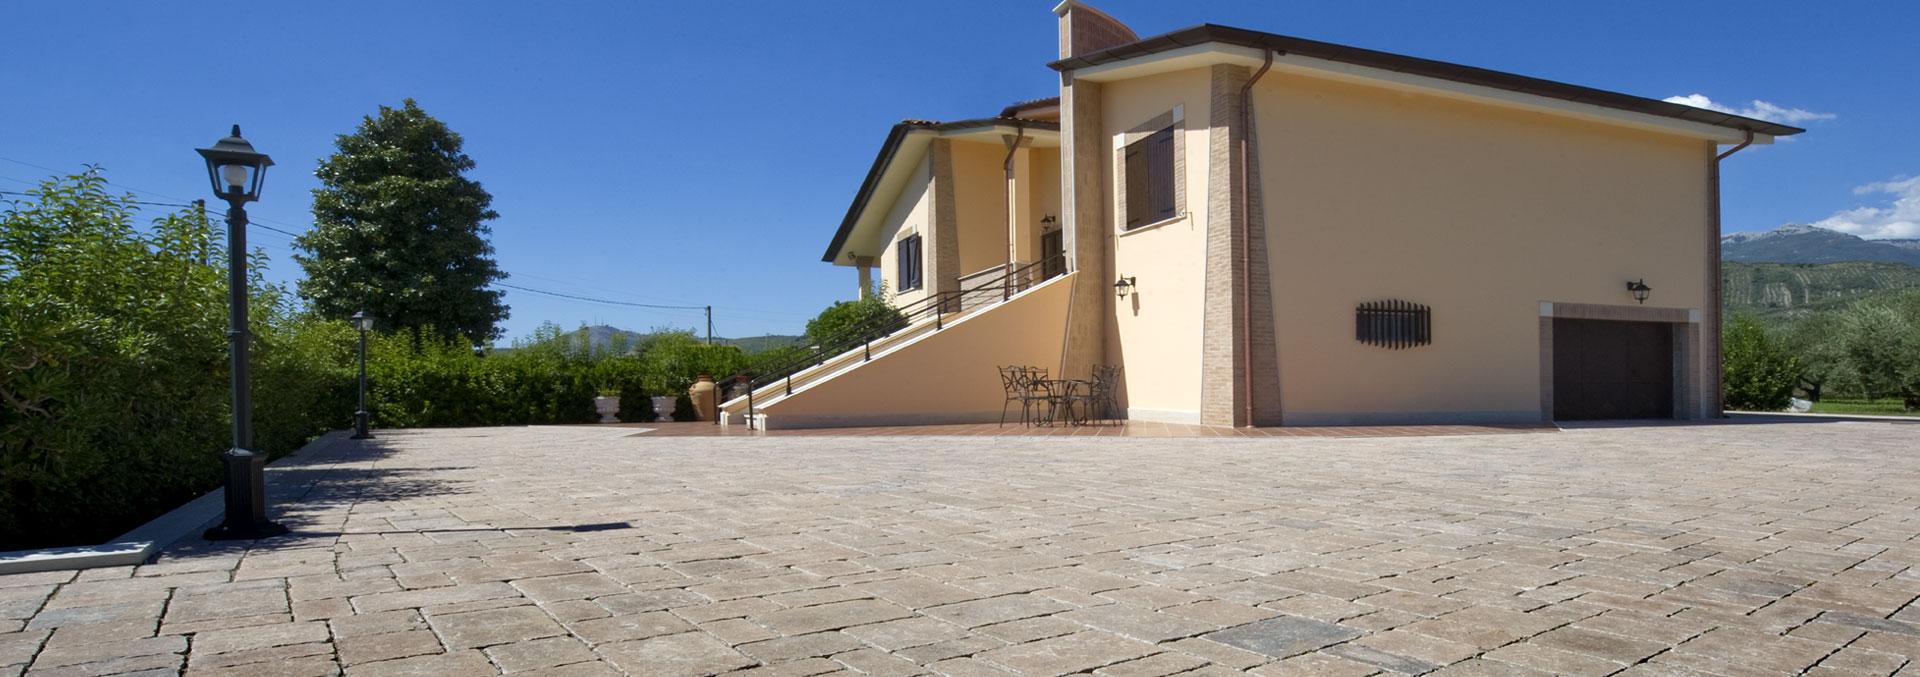 Manufatti in calcestruzzo per pavimentazioni e murature